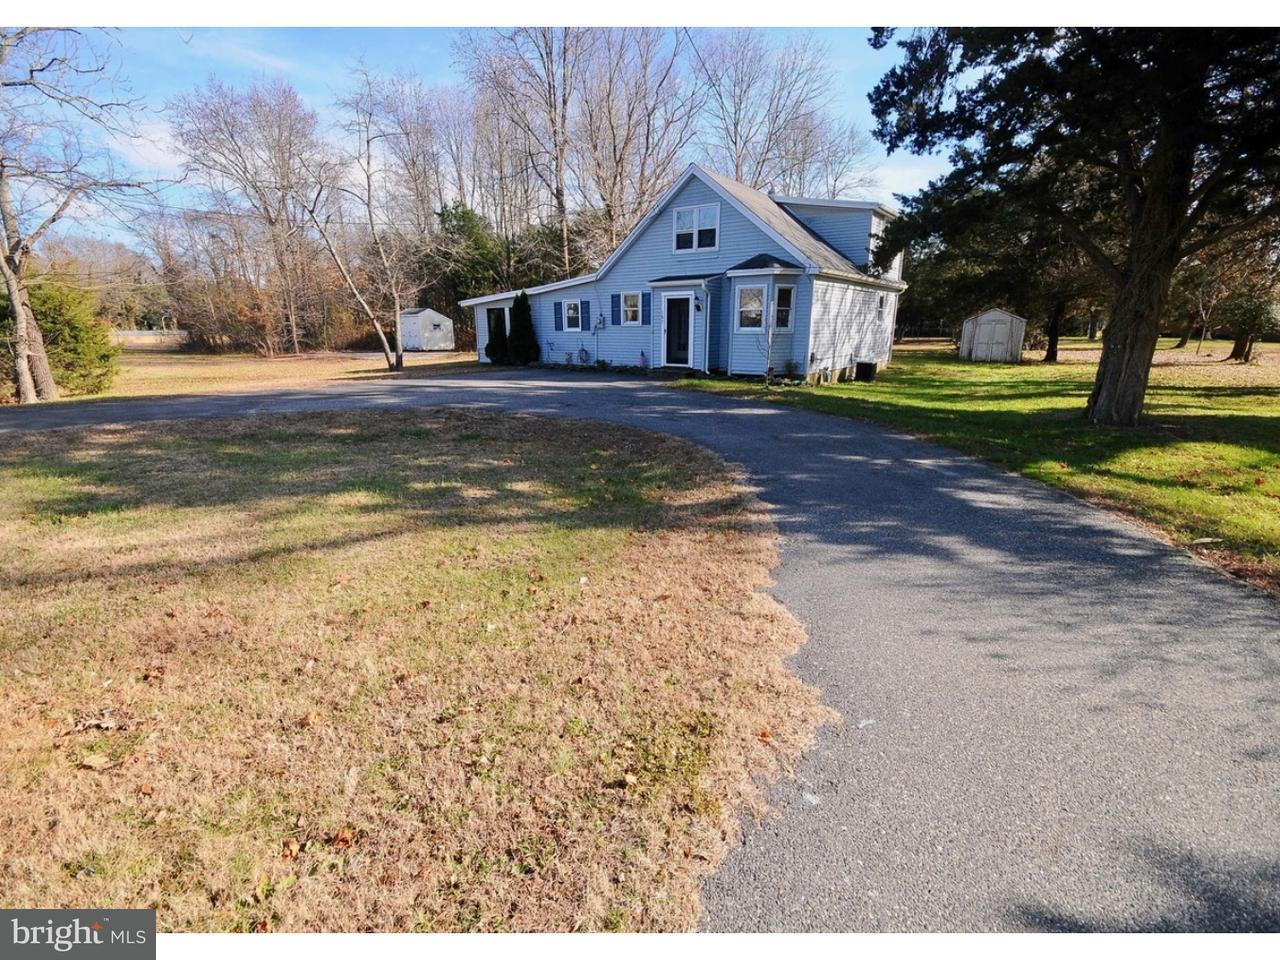 Maison unifamiliale pour l Vente à 157 PORT ELIZABETH CUMB. Port Elizabeth, New Jersey 08332 États-Unis